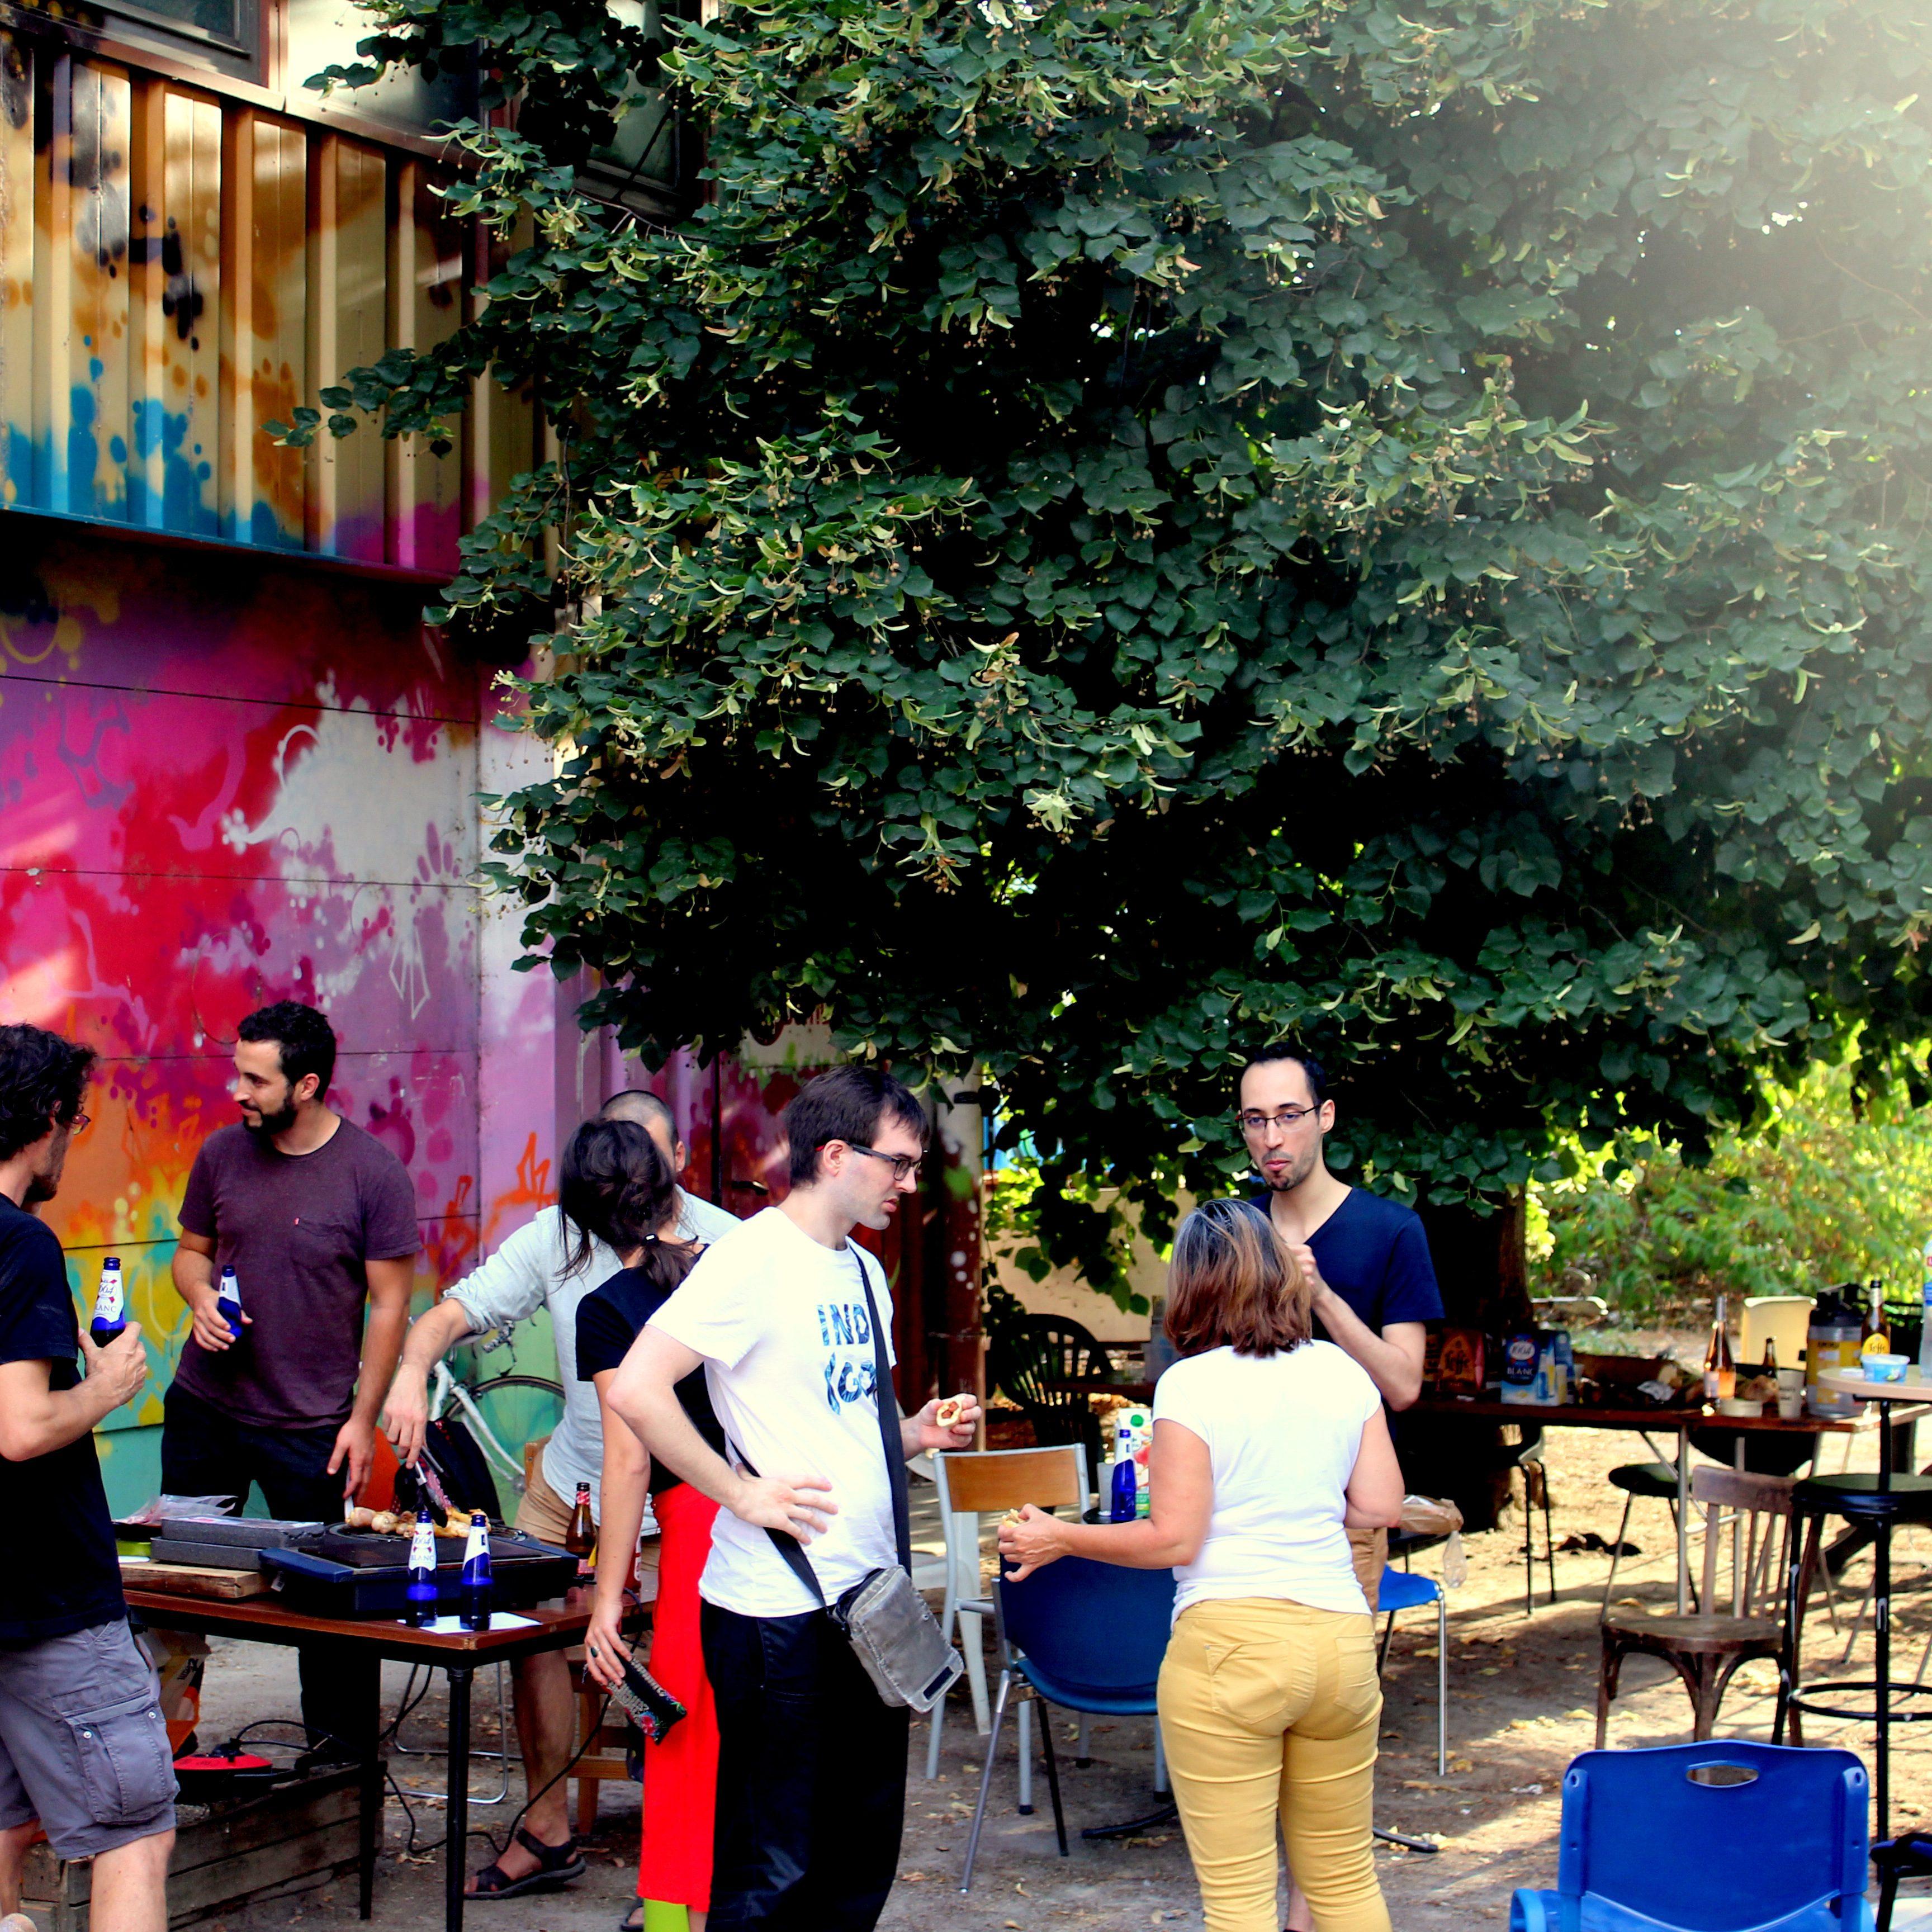 Barbecue été 2020 avant les travaux de la Capsule pour l'association Cap Berriat à Grenoble